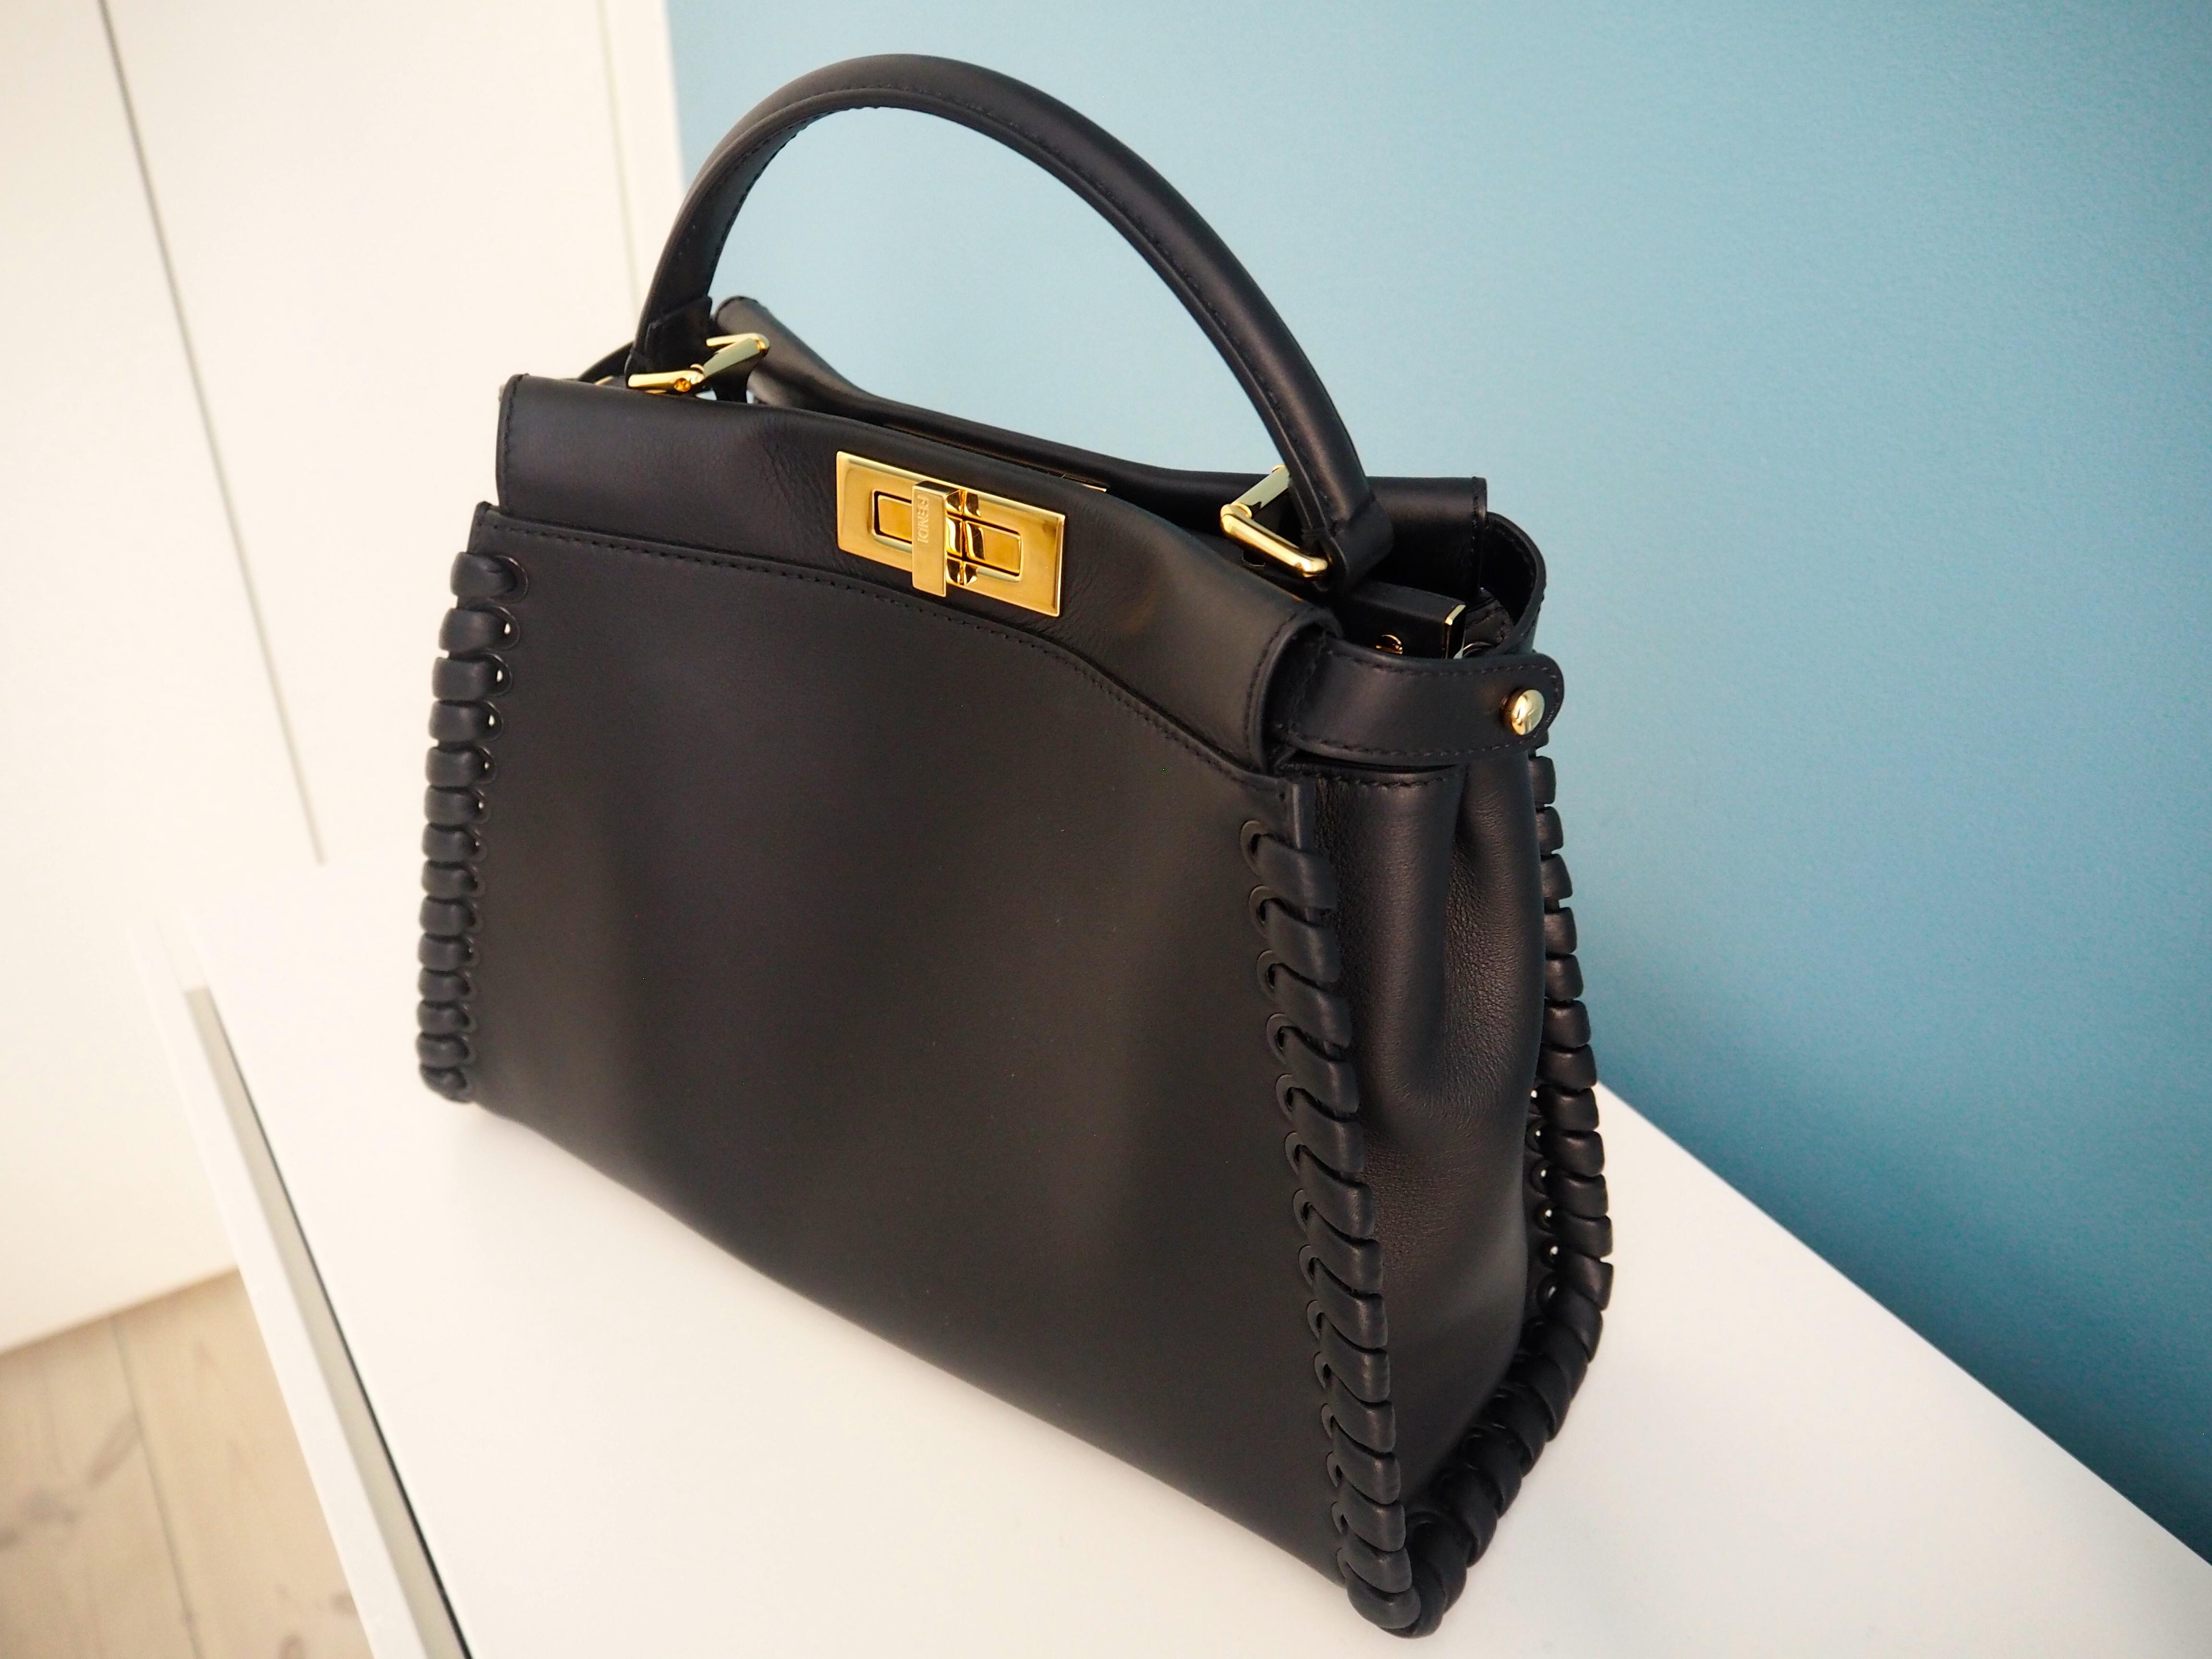 d1c29aa128ca Här ser ni min nya baby – en svart Fendi Peekaboo Bag med flätade detaljer  på sidorna och guld.